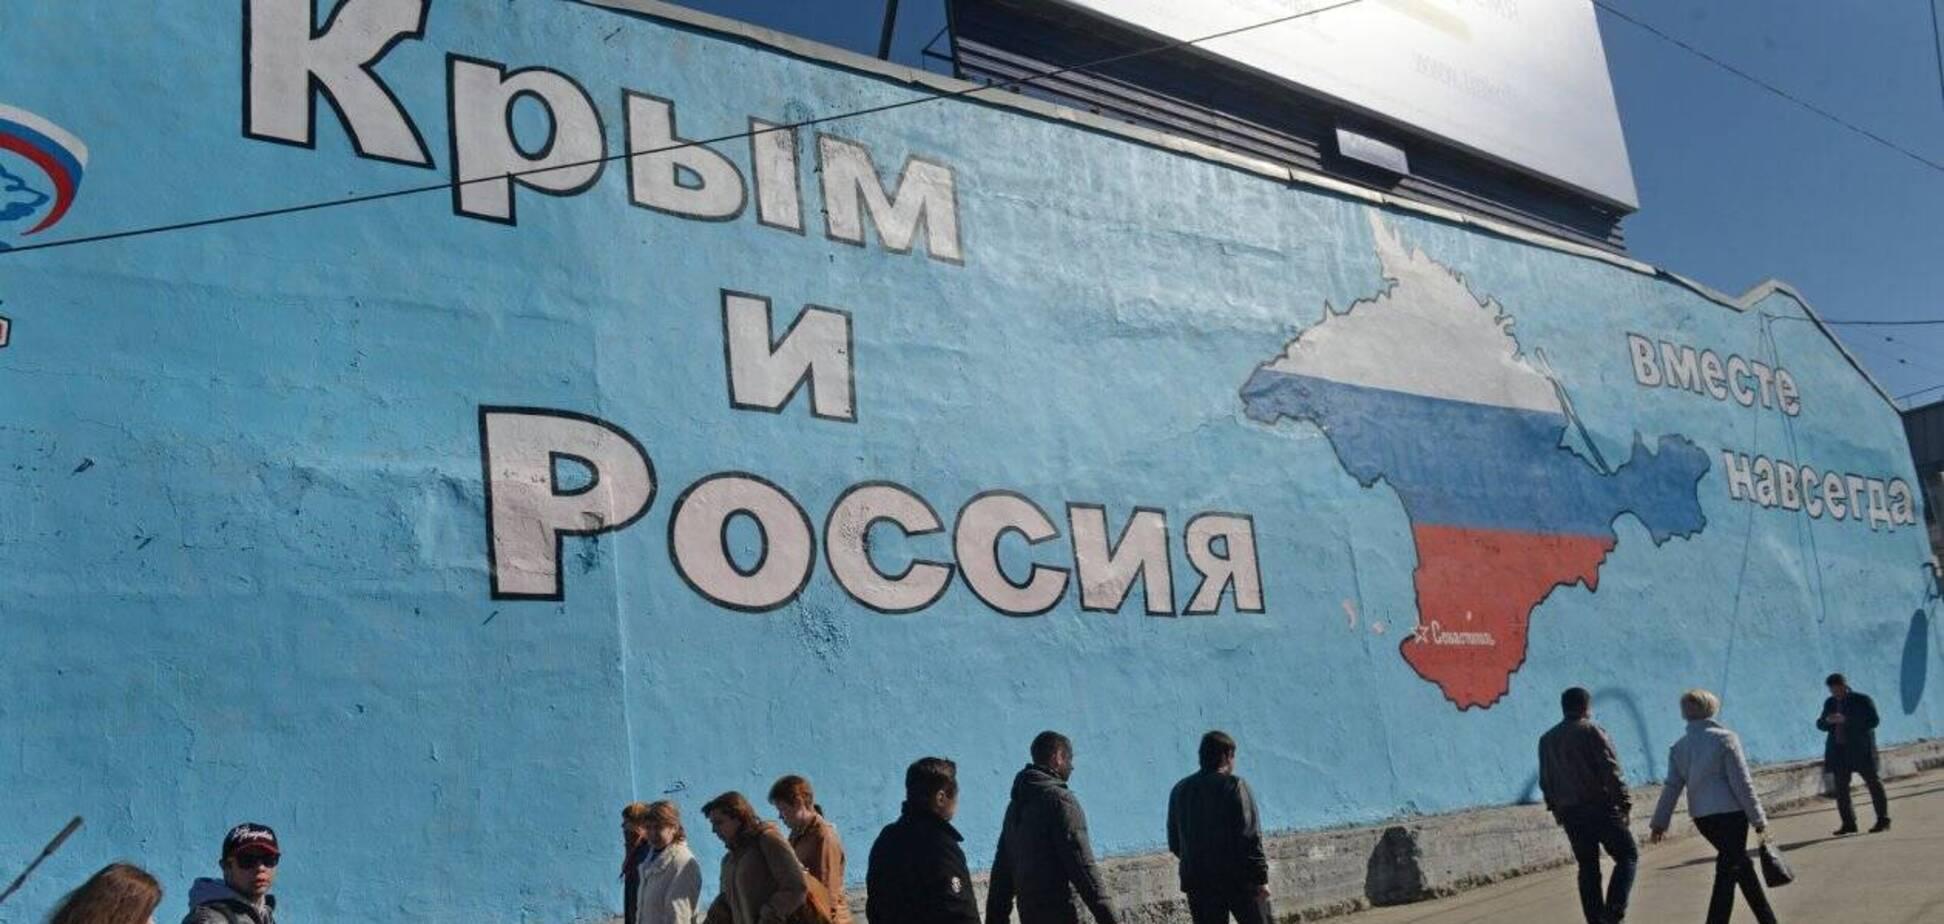 Новости Крымнаша. Вслед за Путиным решили обнулить и Крым